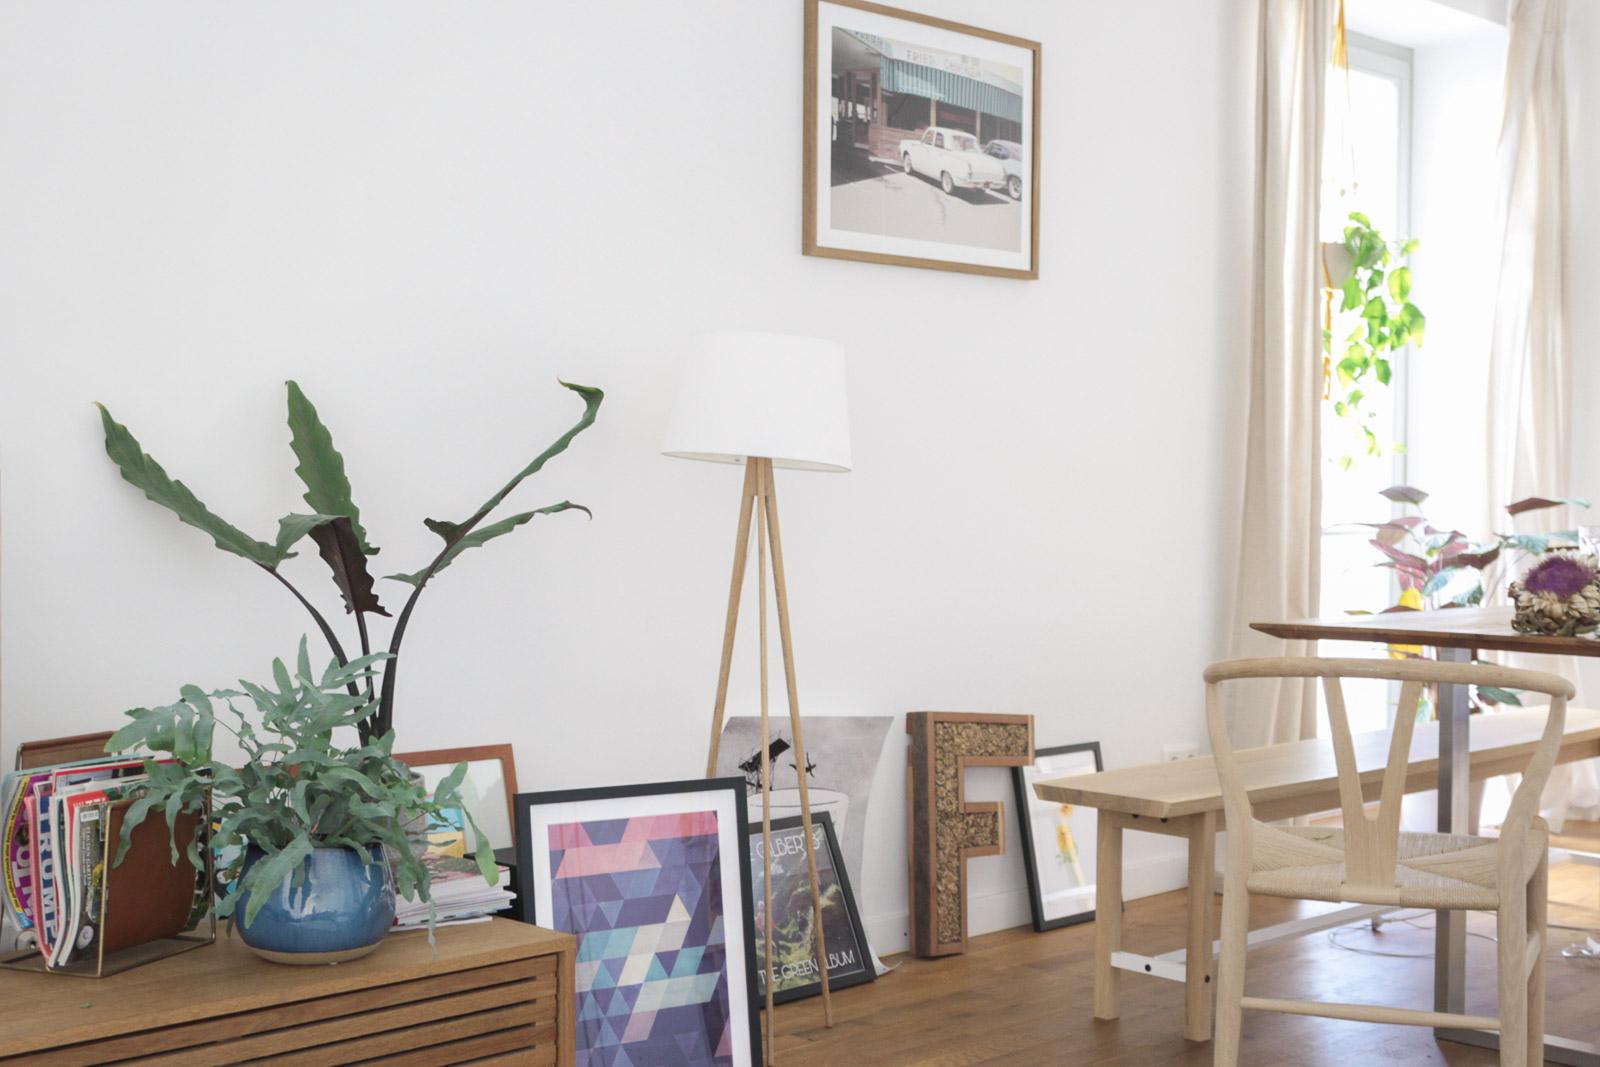 zimmerpflanzen fr ulein teil 1 der wohnzimmer dschungel garten fr ulein der garten blog. Black Bedroom Furniture Sets. Home Design Ideas